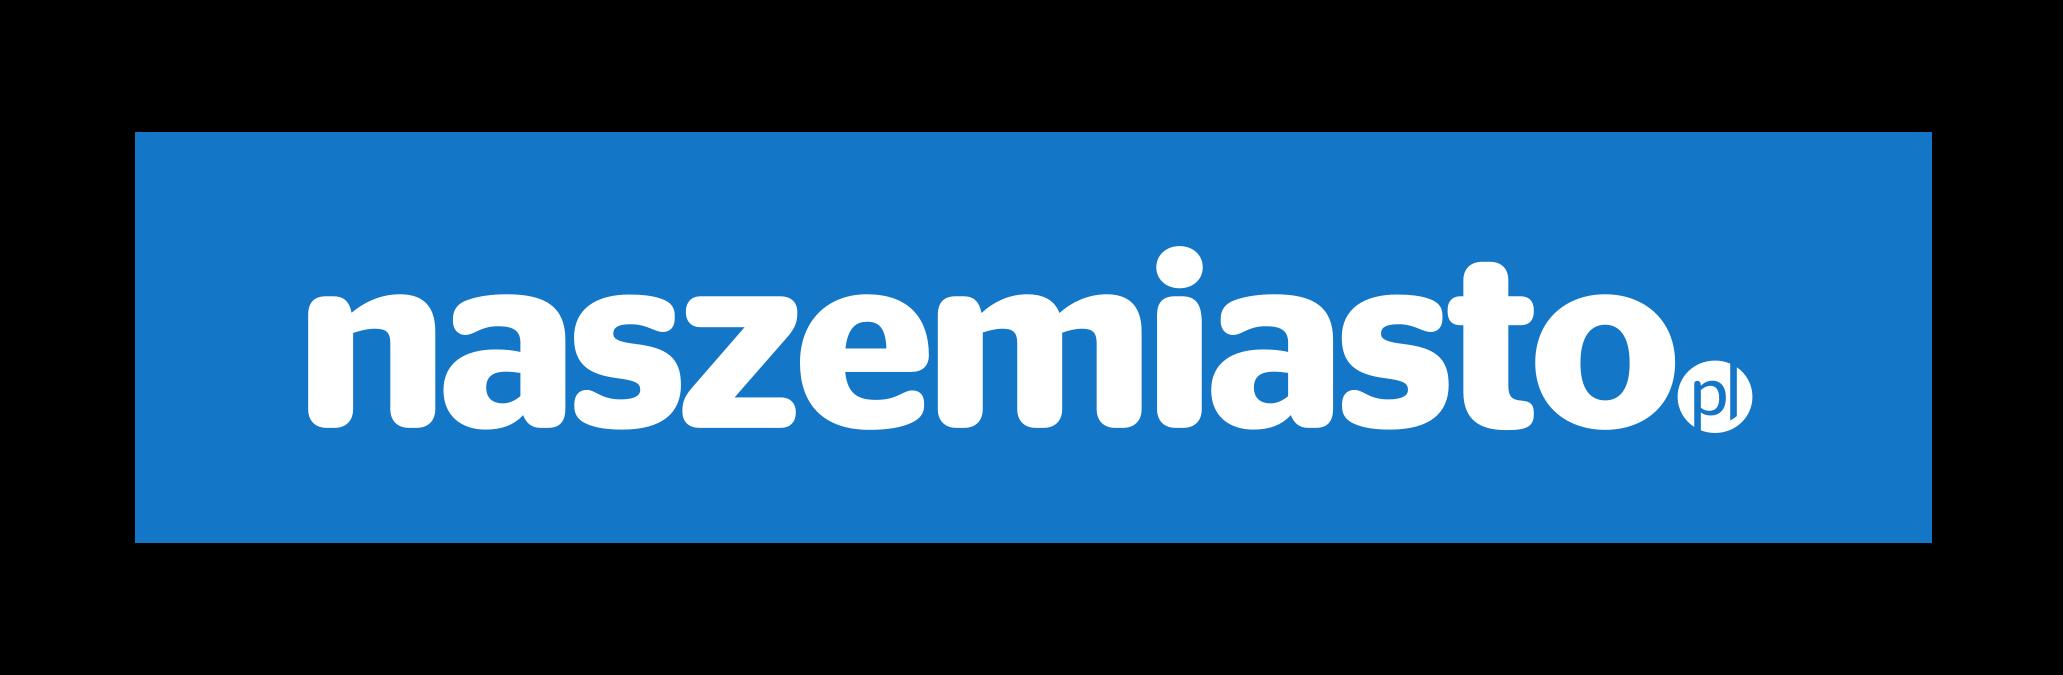 naszemiasto_pl